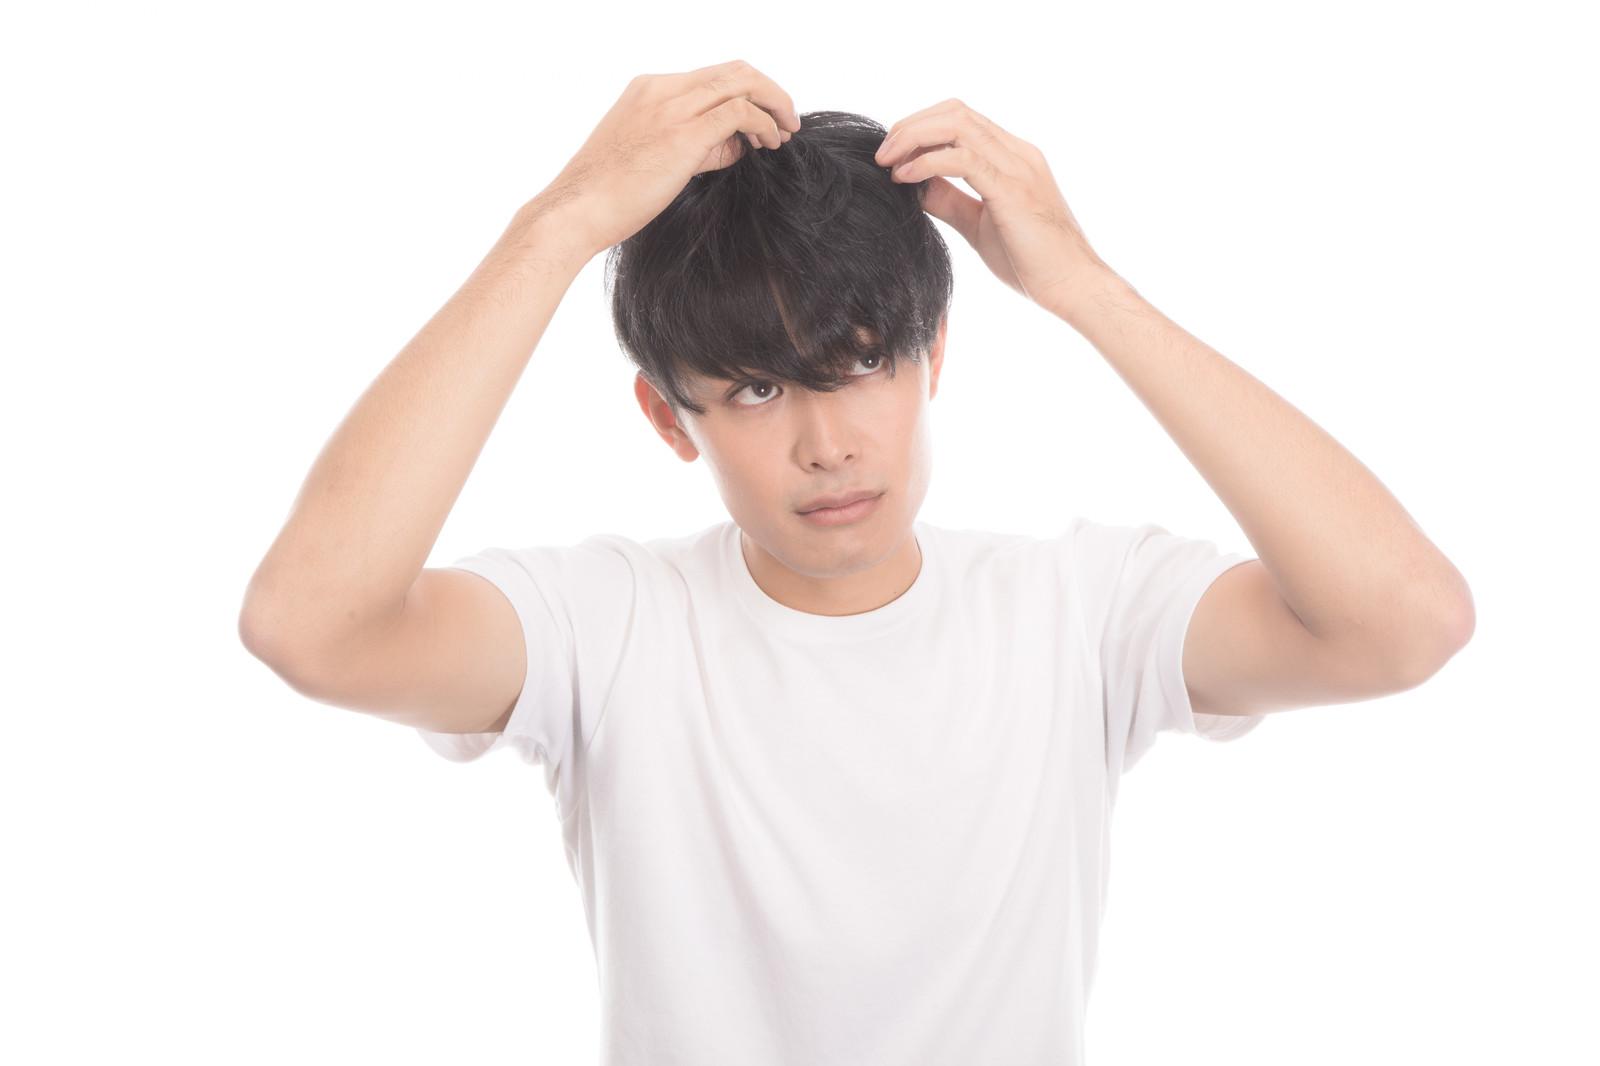 頭髪を気にする若い男